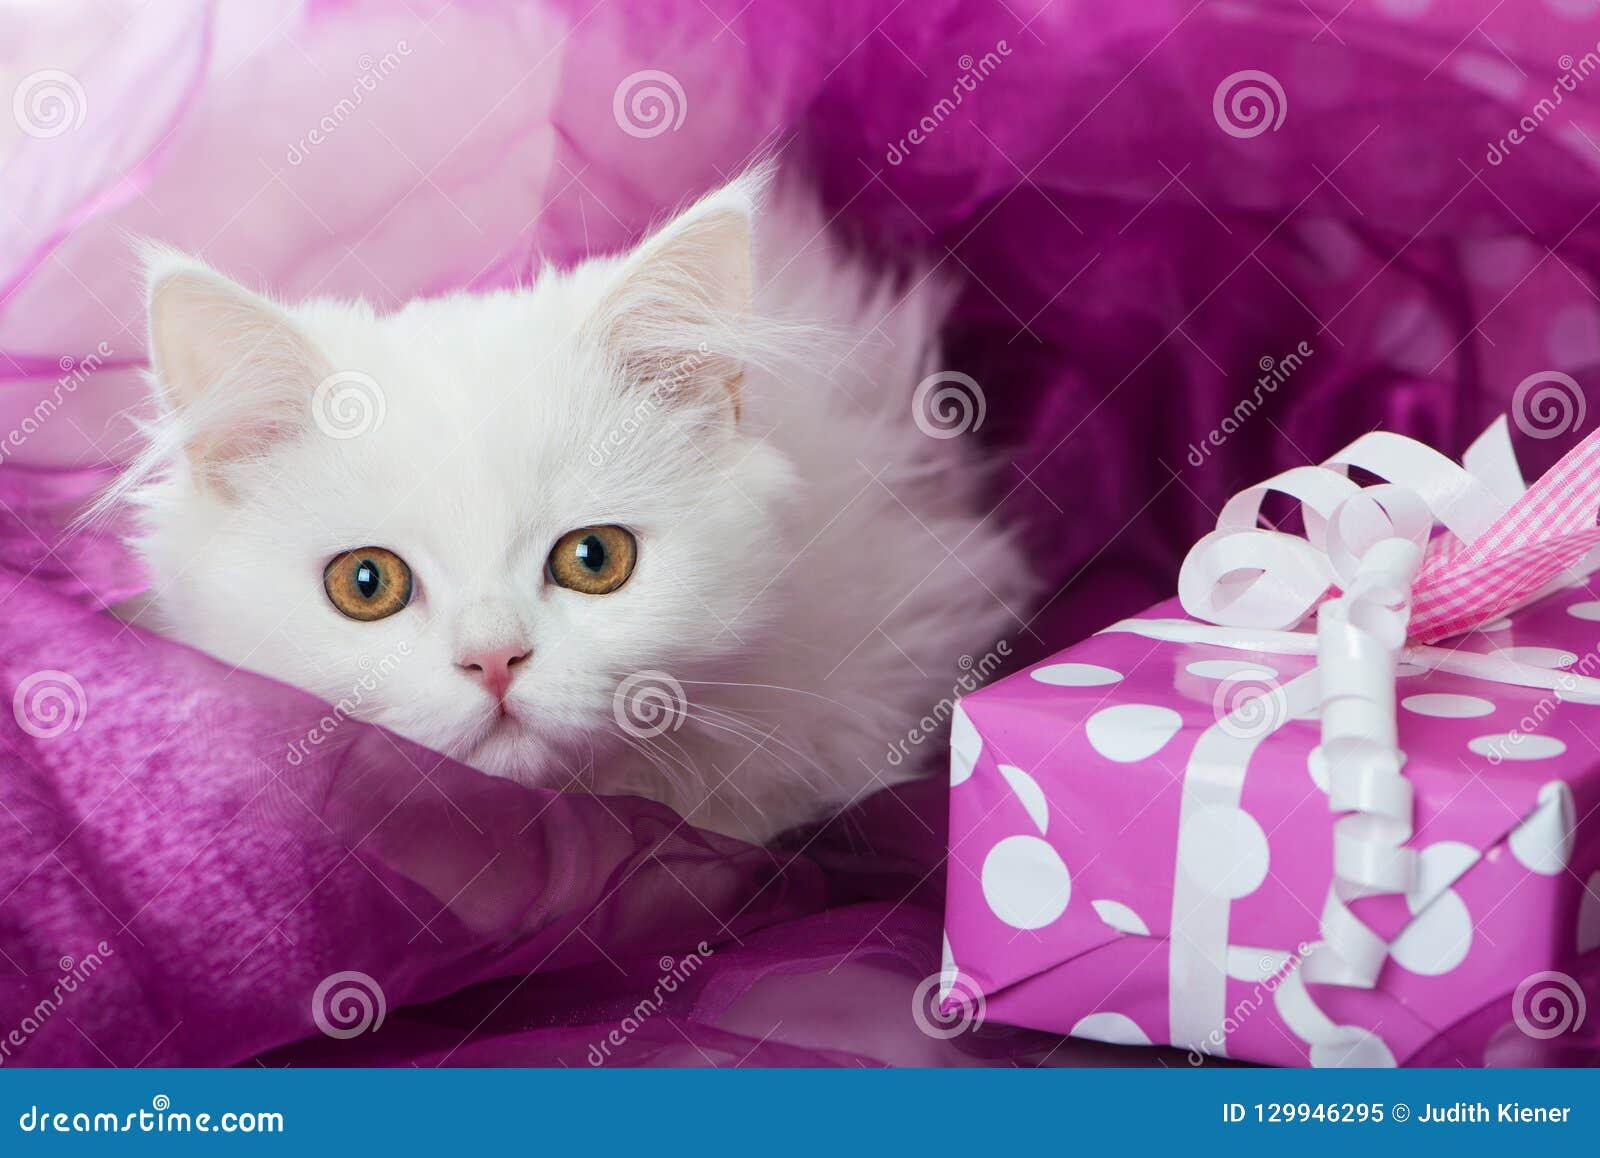 Met Een Bruine Gestripte Kitten Op Een Witte Deken Thuis